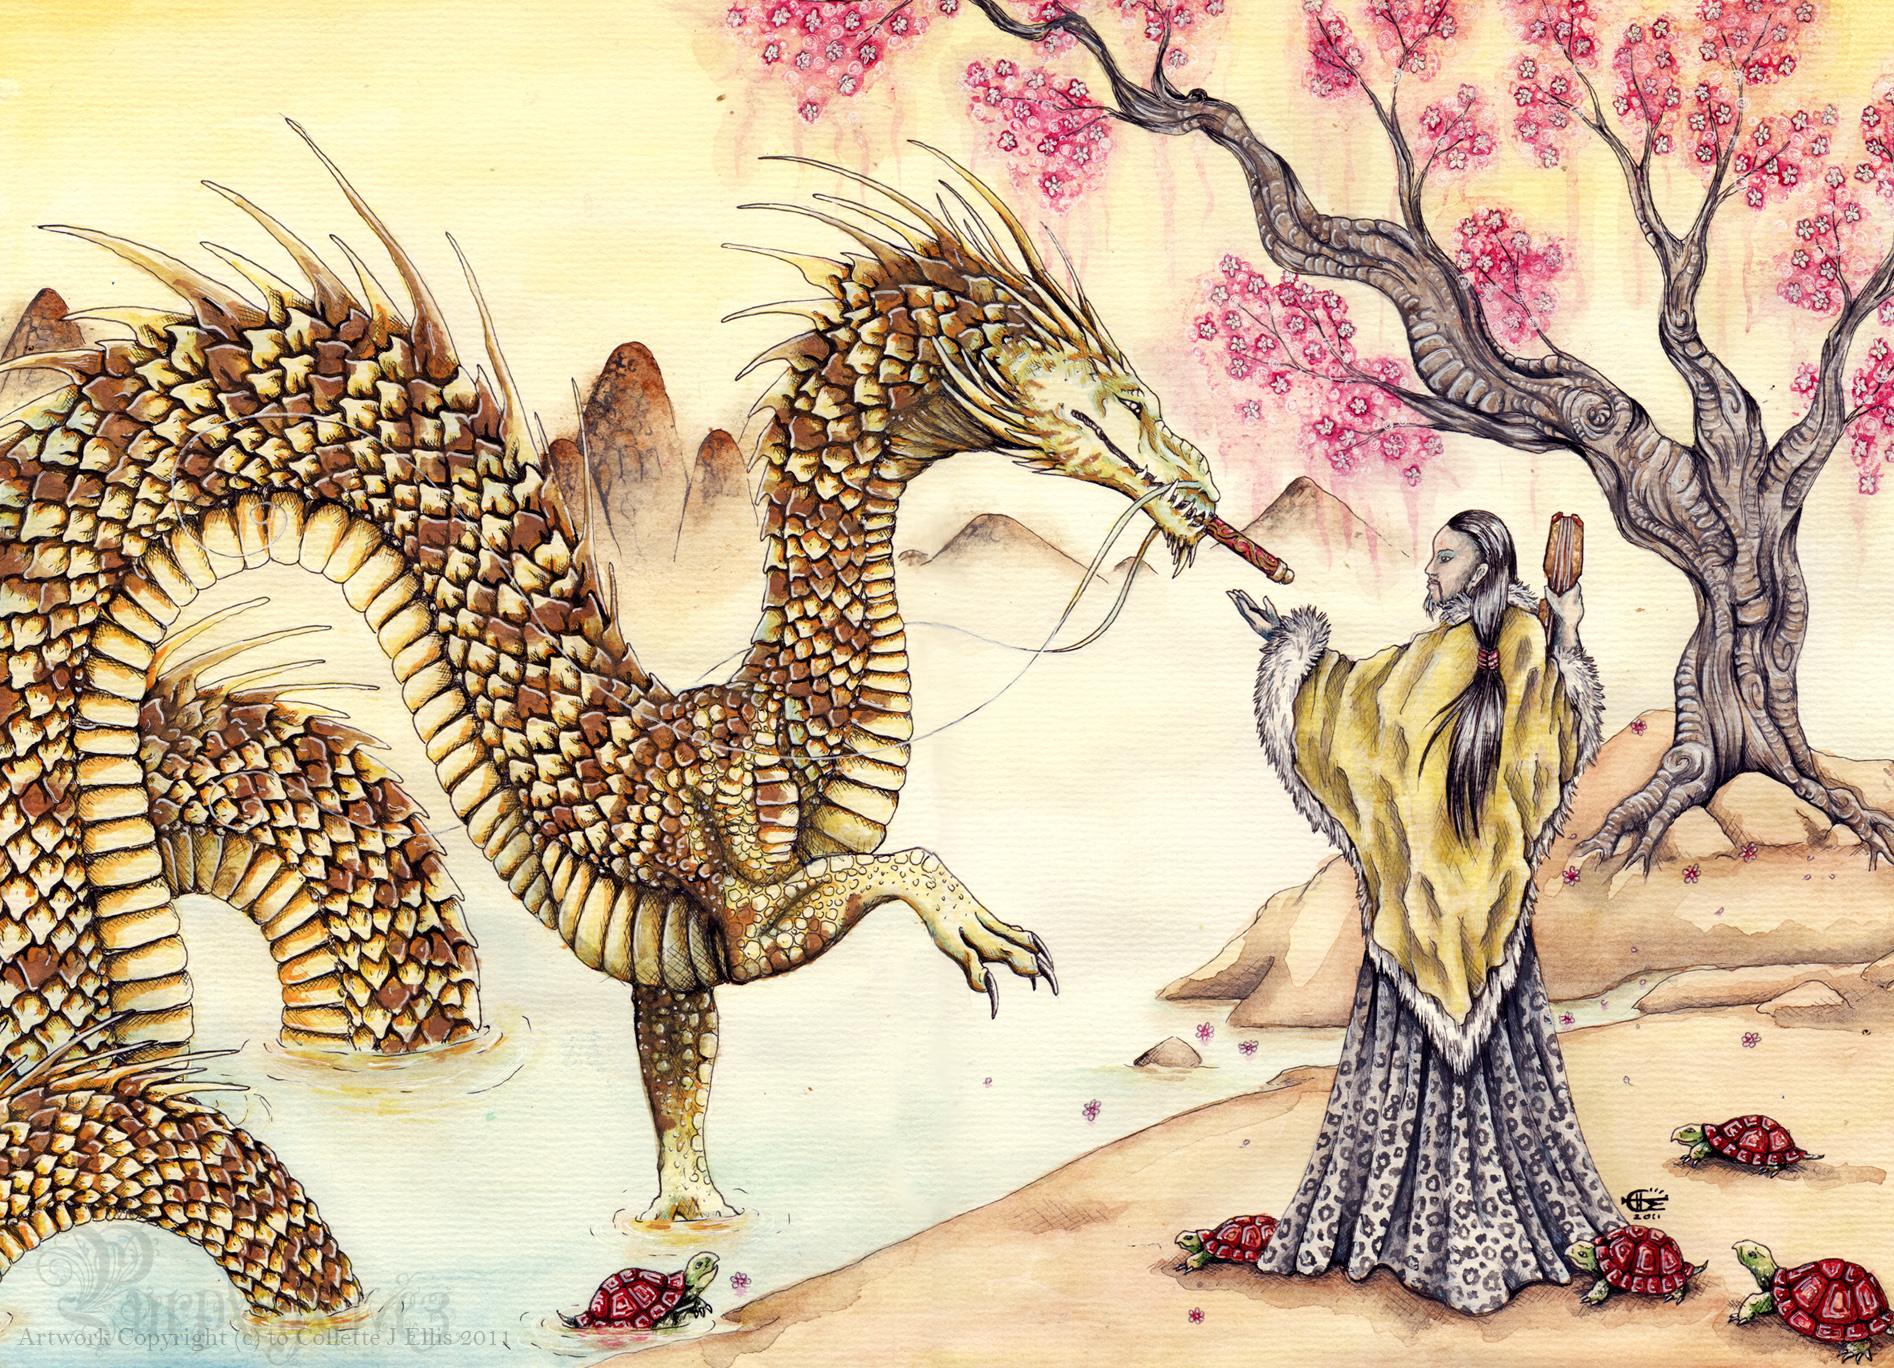 легенда золотого дракона в картинках колисниченко отметили